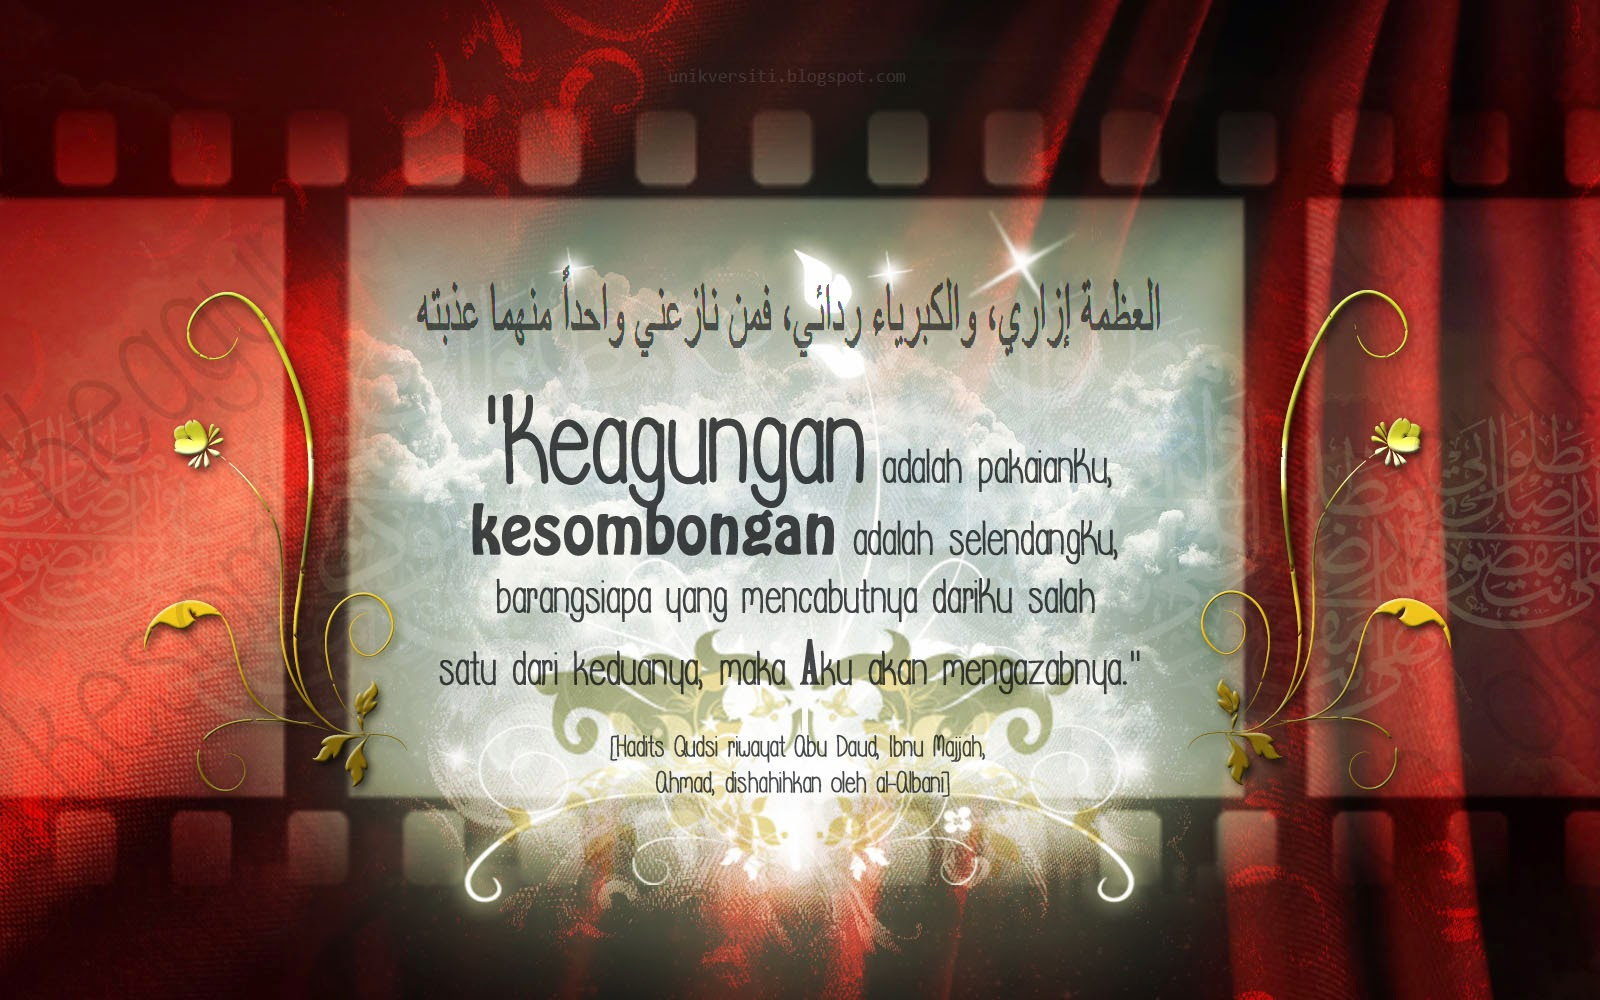 wallpaper islamik - Keagungan adalah pakaianKu, kesombongan adalah selendangKu